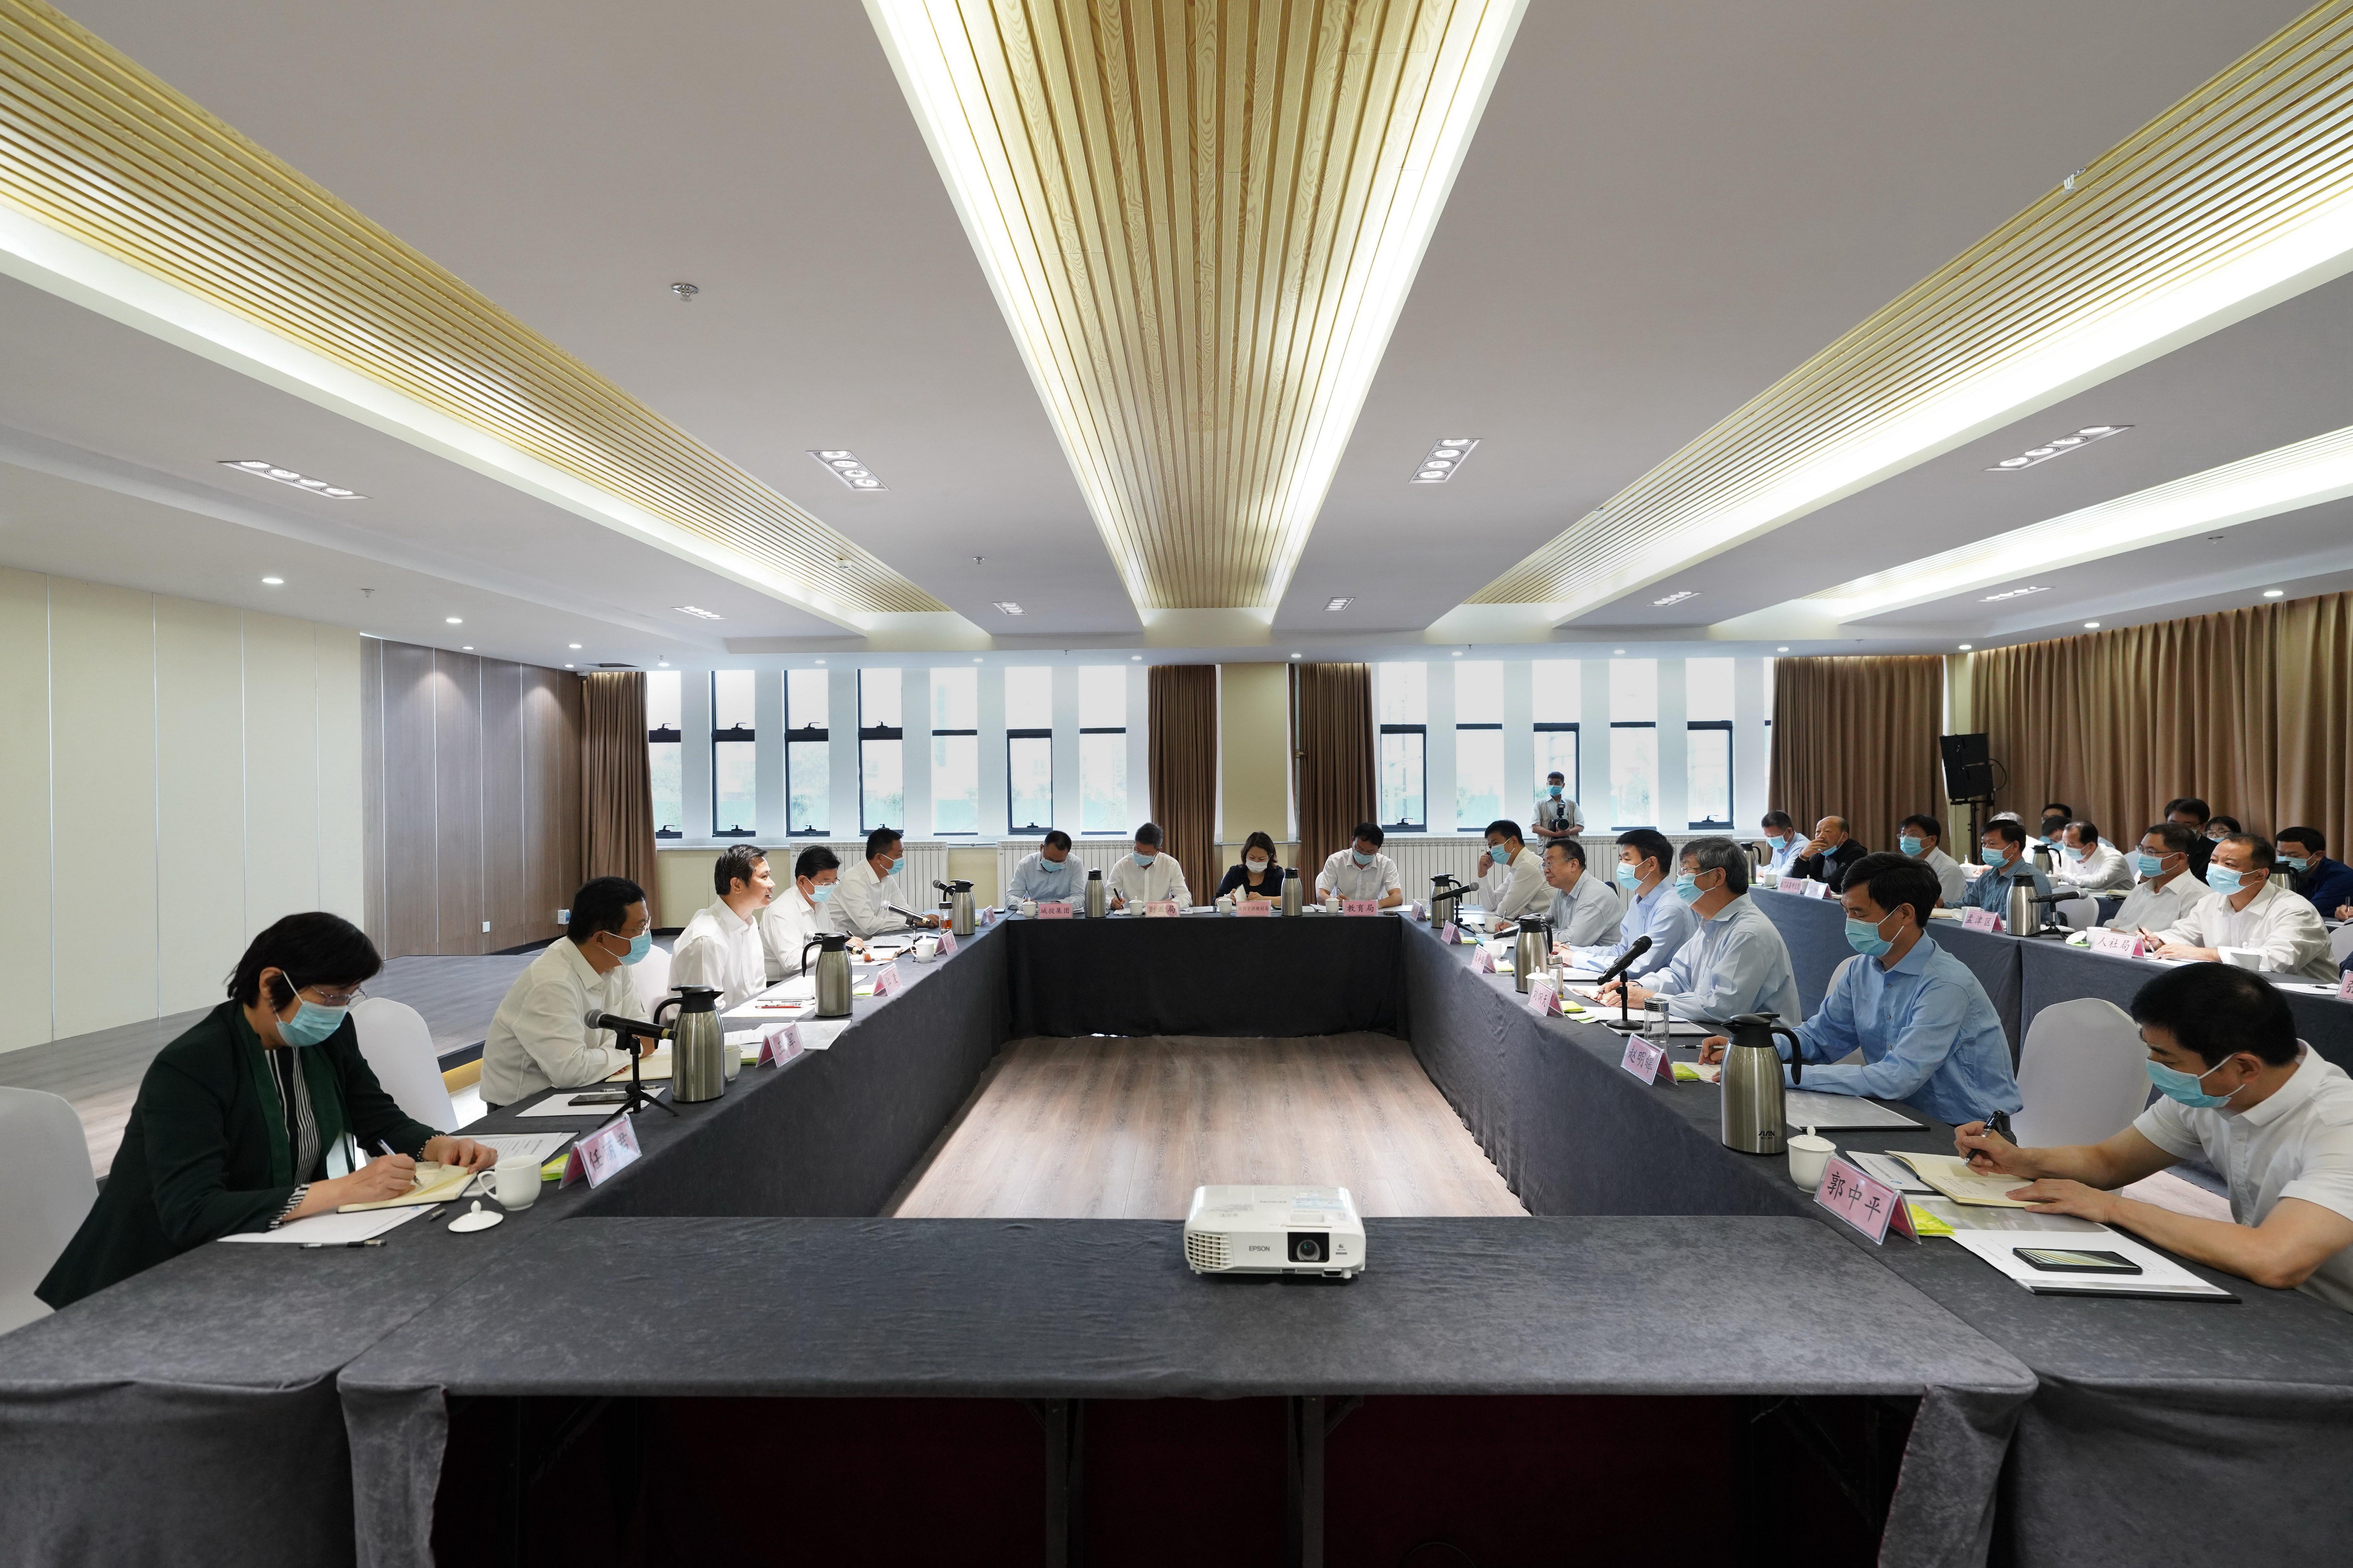 郑州大学与洛阳市深化合作座谈会在洛阳举行。 郑州大学官网 图